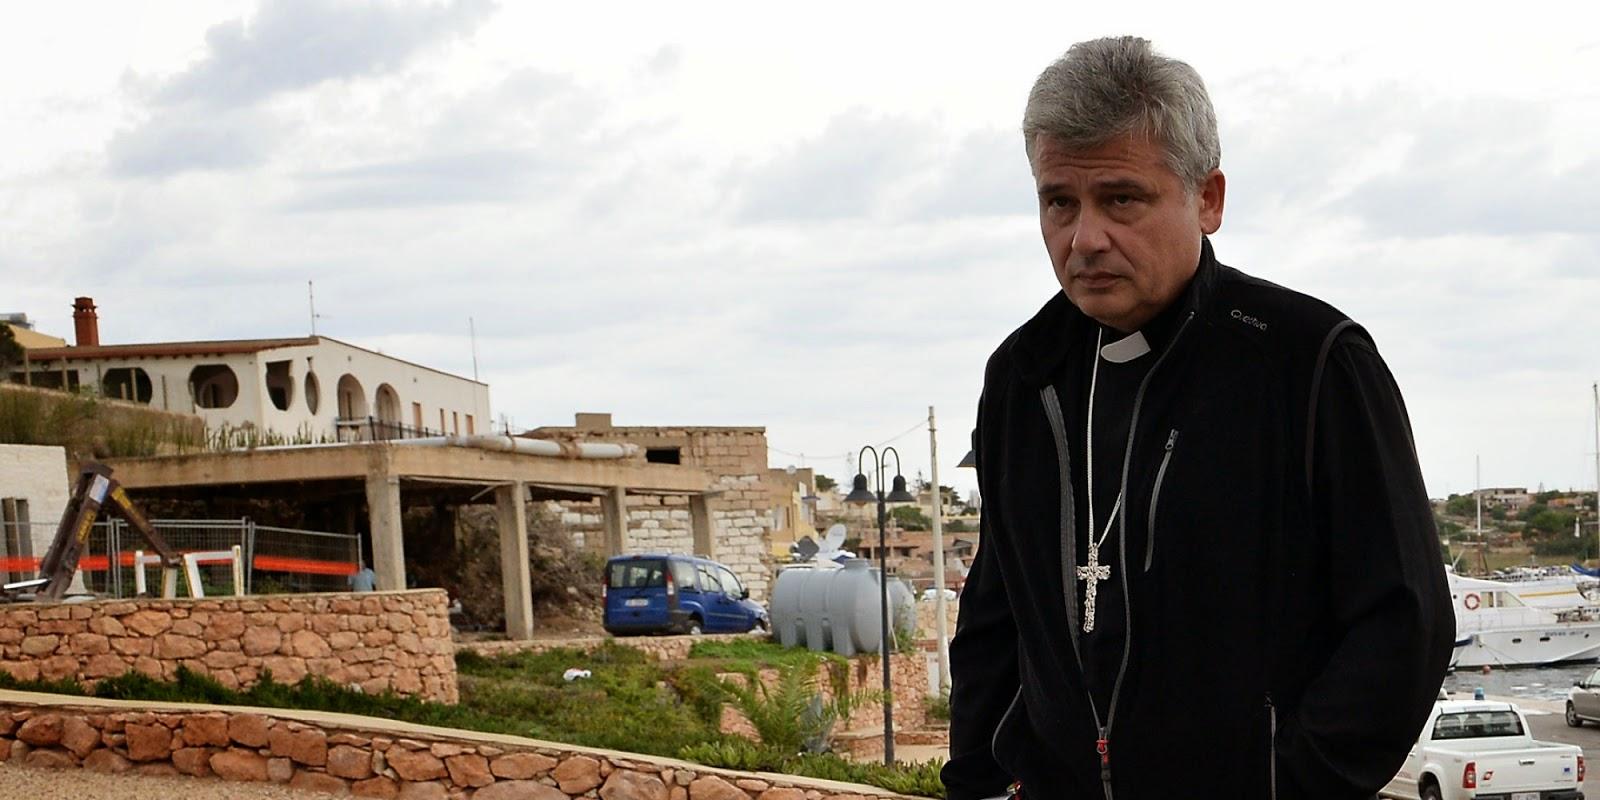 Папский элемозинарий пожертвовал свою квартиру семье сирийских беженцев